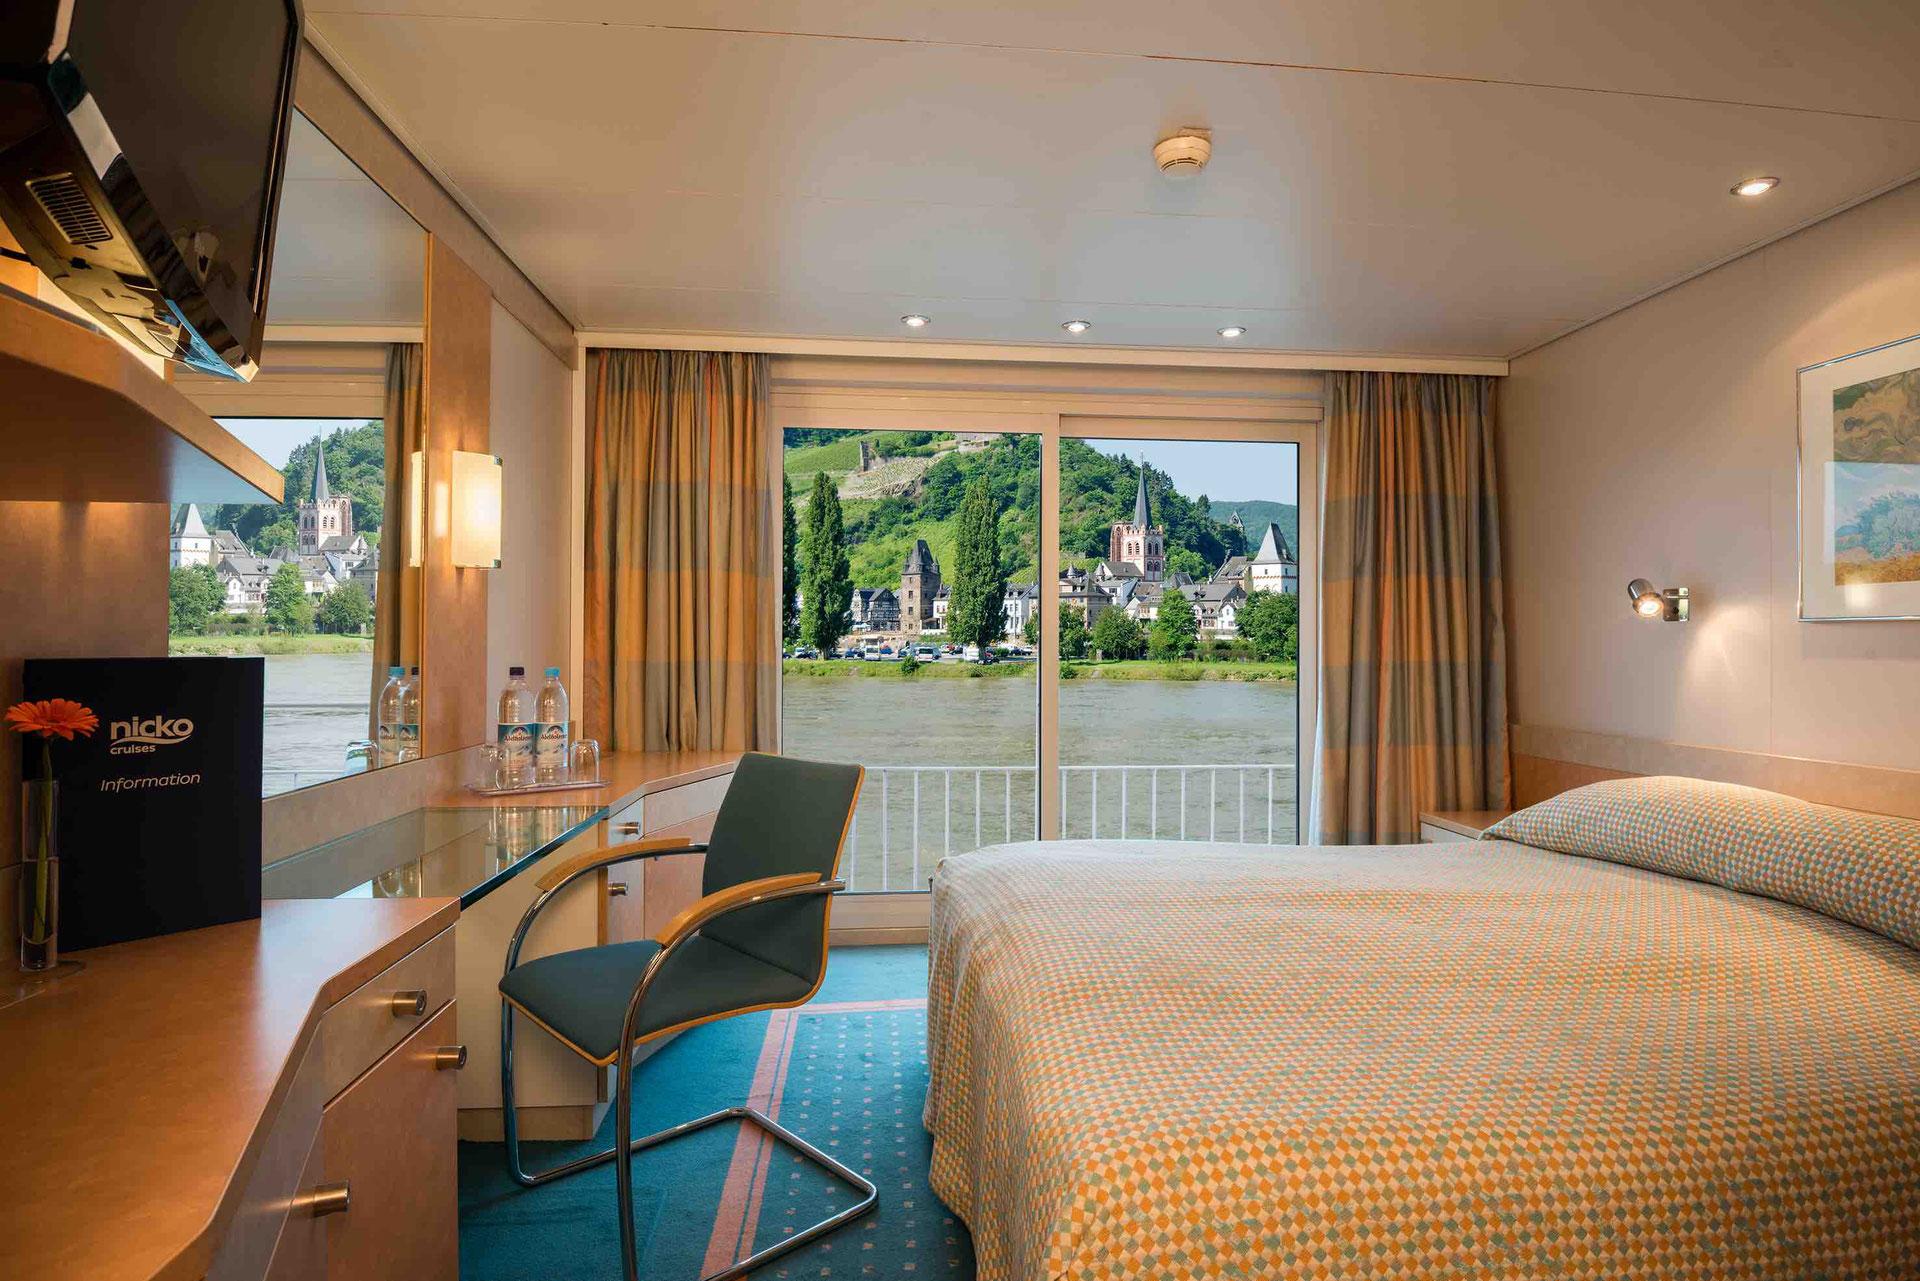 MS Bolero Außenkabine mit französischem Balkon